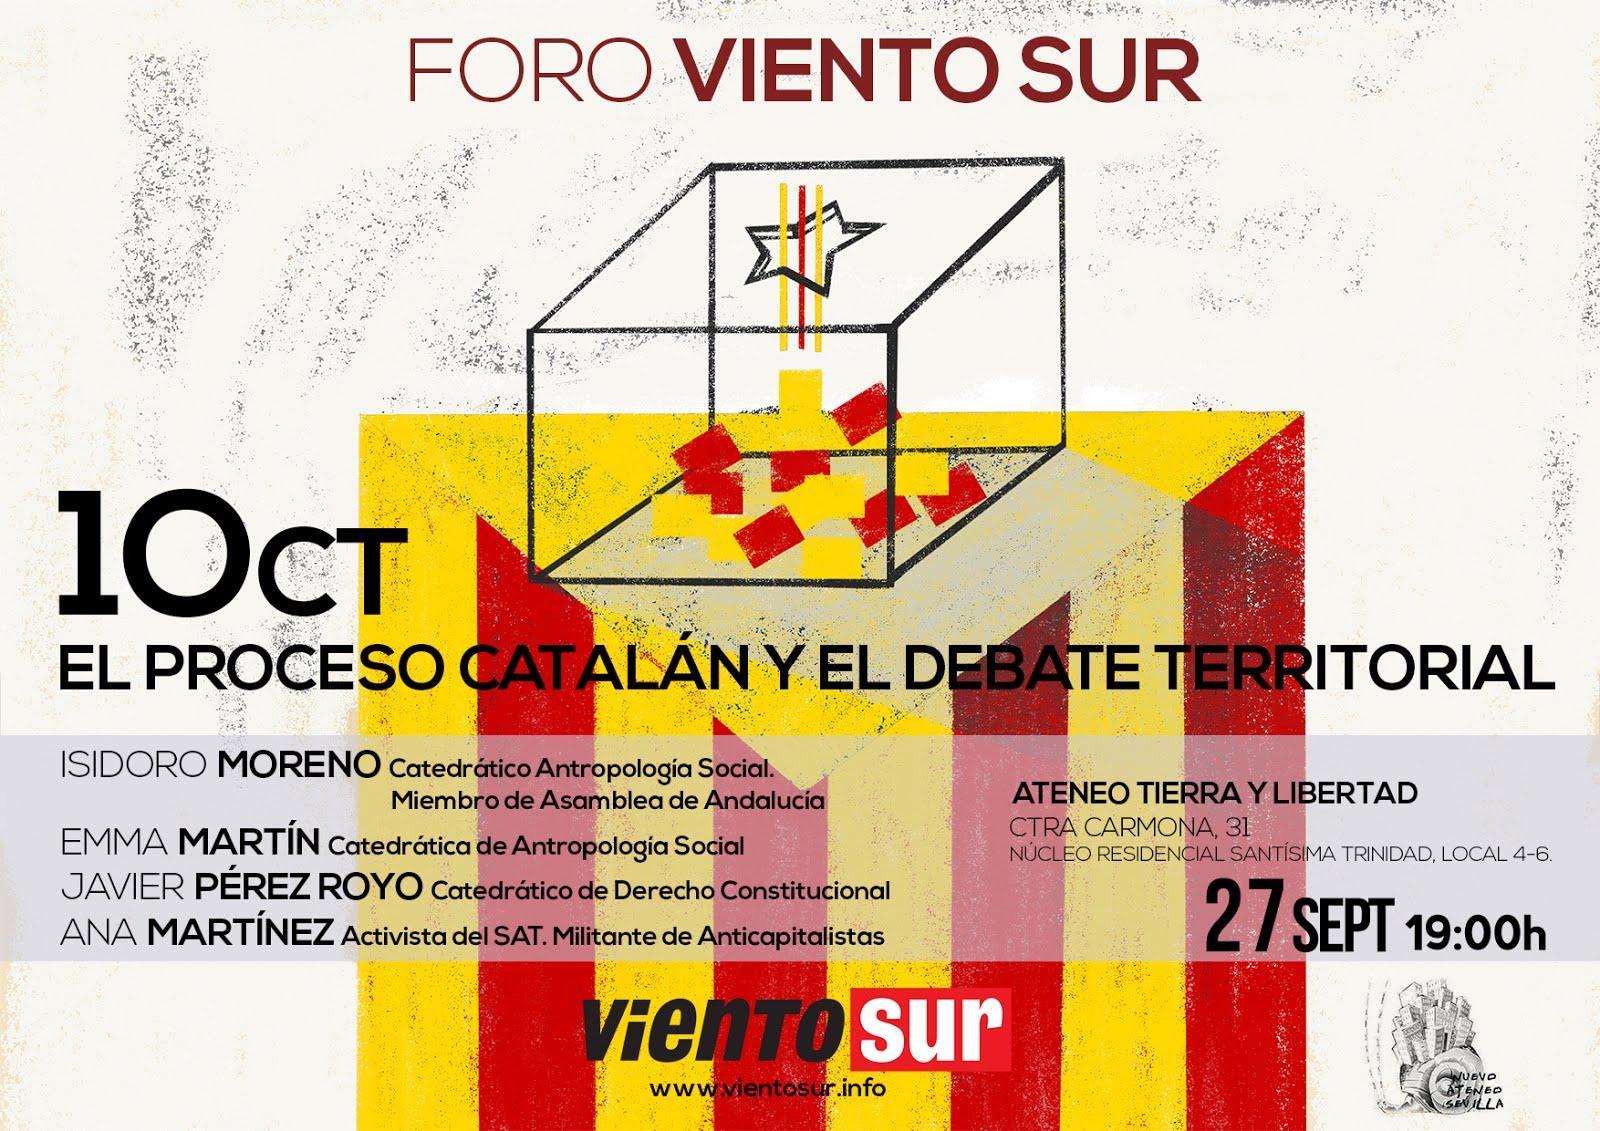 EL PROCESO CATALÁN Y EL DEBATE TERRITORIAL. Acto en Sevilla, el 27 septiembre, 19H